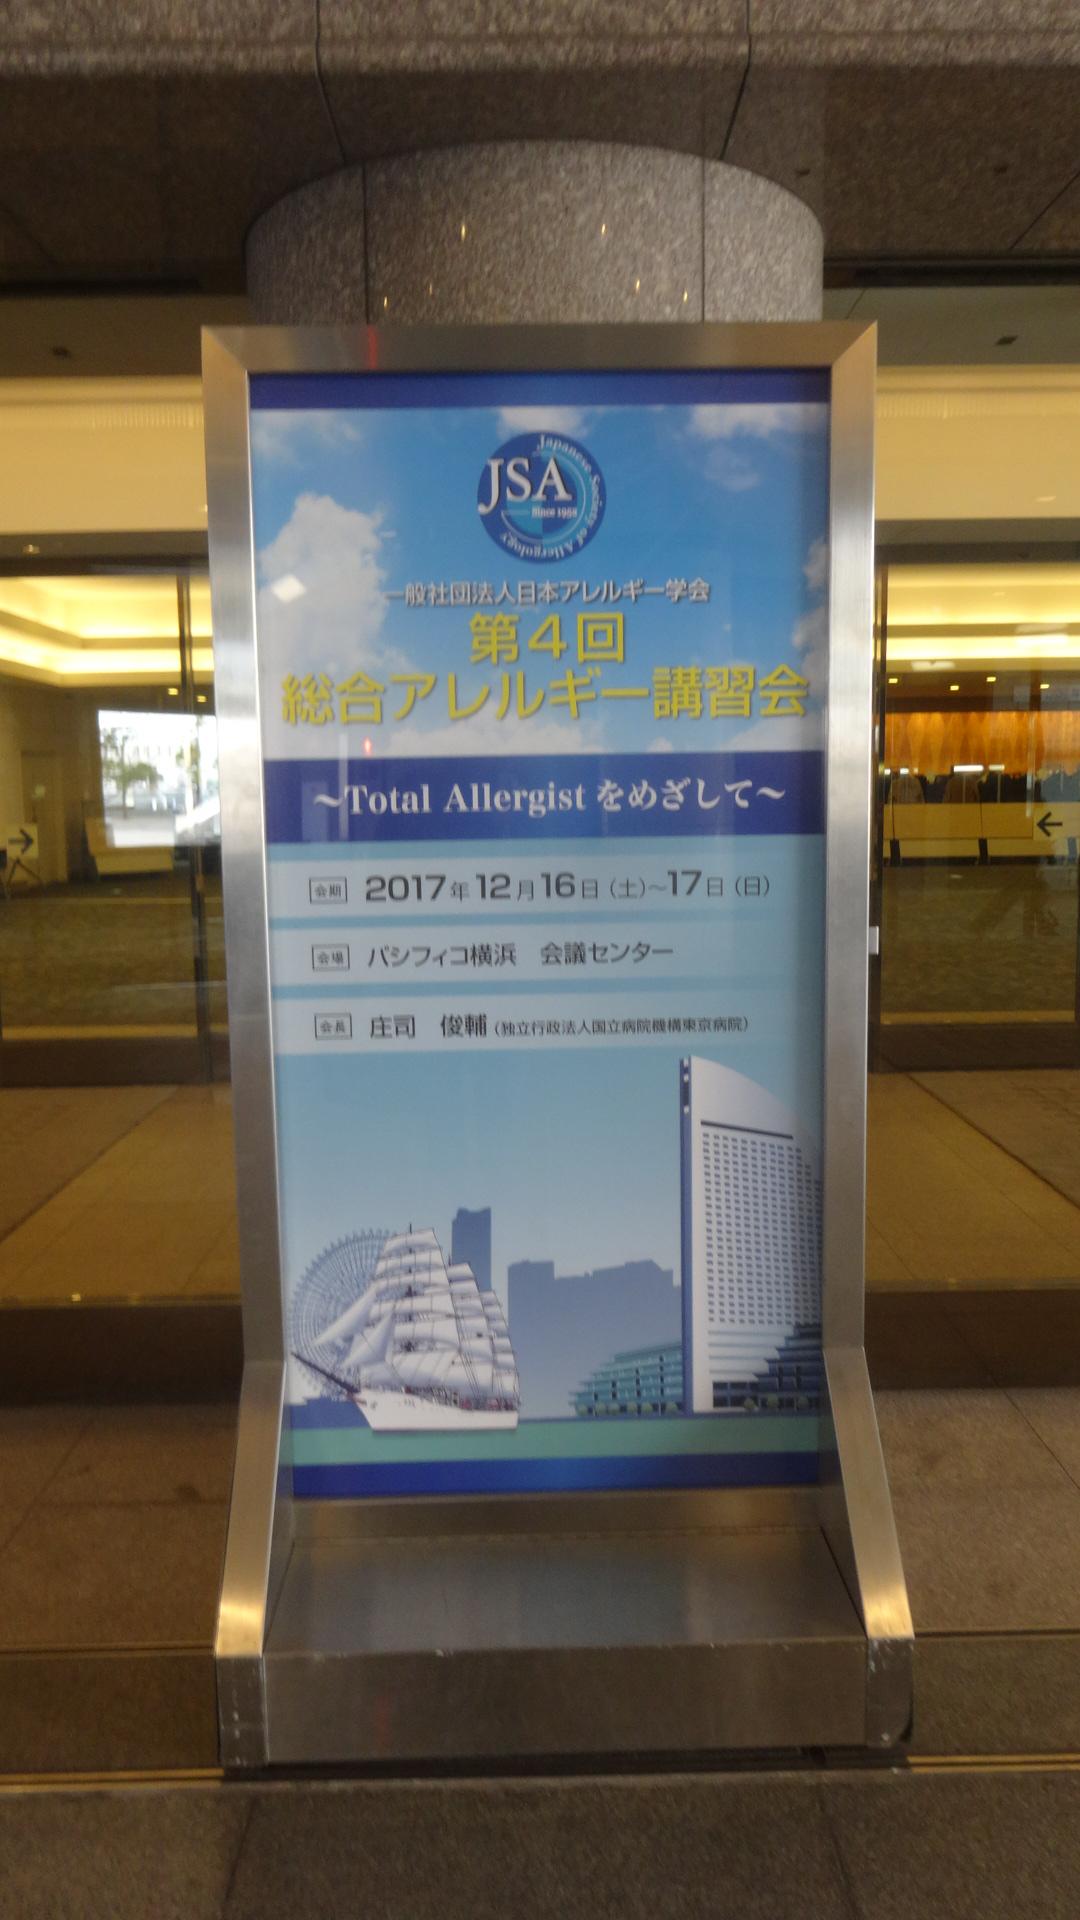 日本アレルギー学会主催の総合講習会の看板